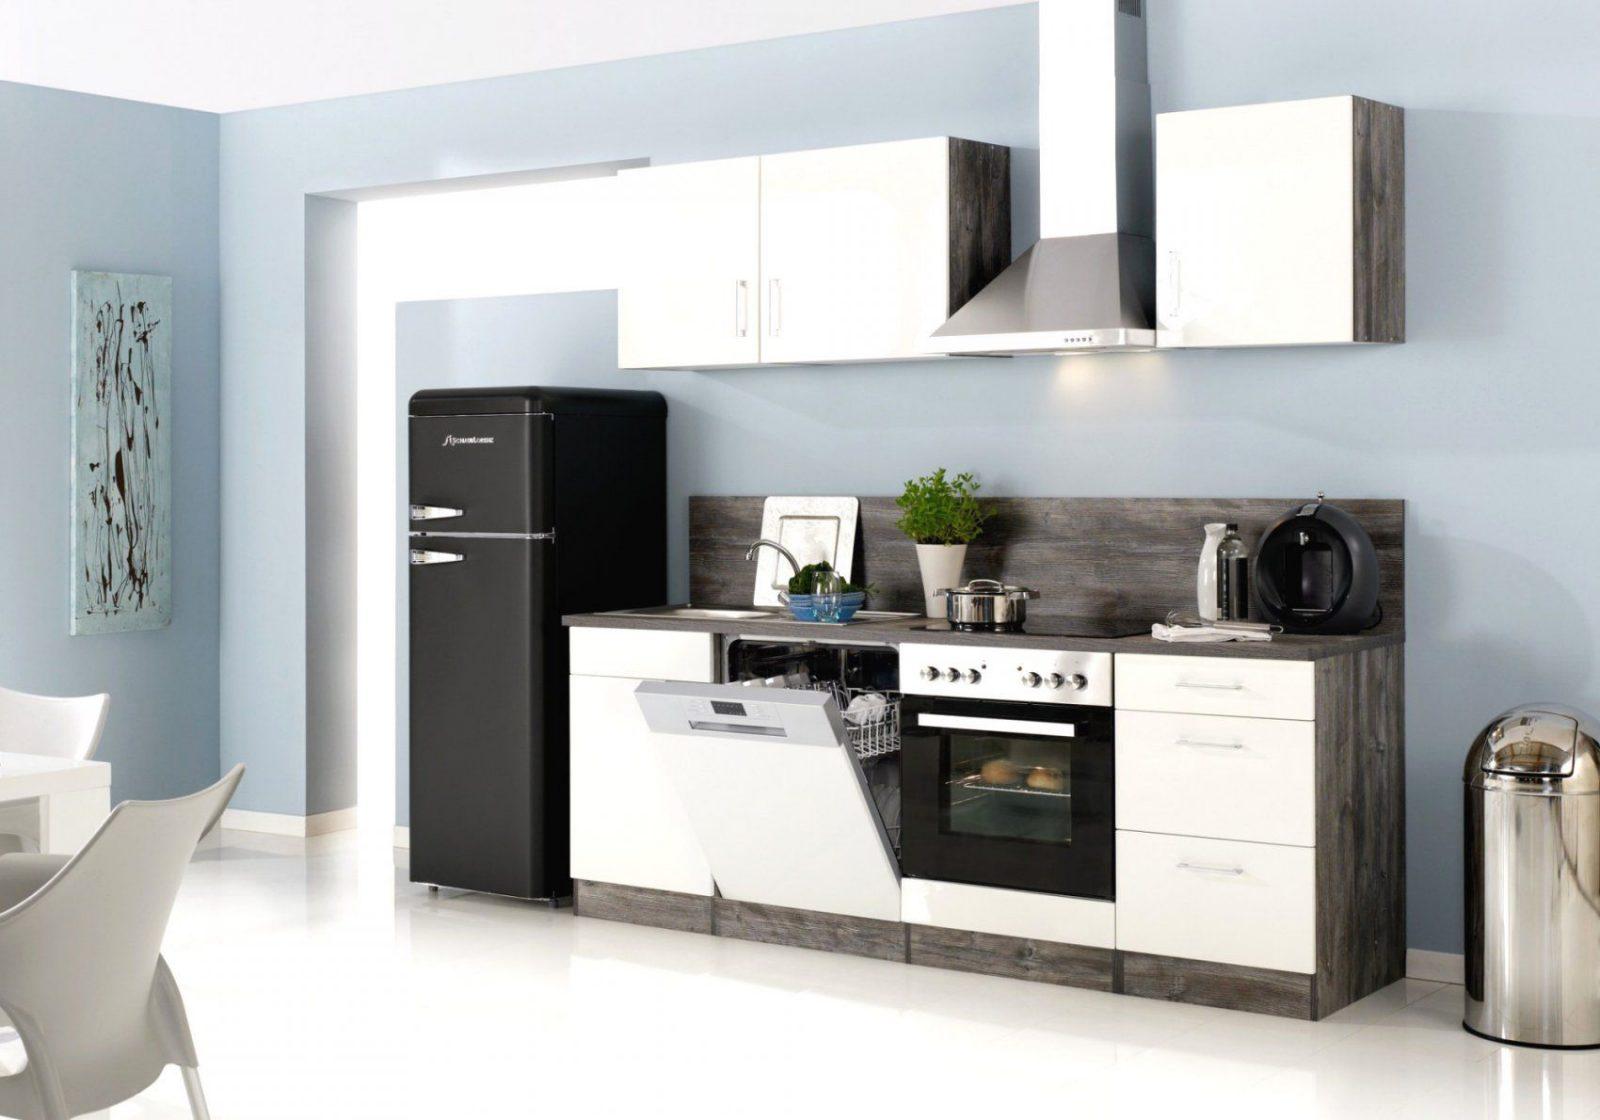 Attraktive Inspiration Küche Ohne Kühlschrank Und Wunderbare von Küche Mit E Geräten Ohne Kühlschrank Bild